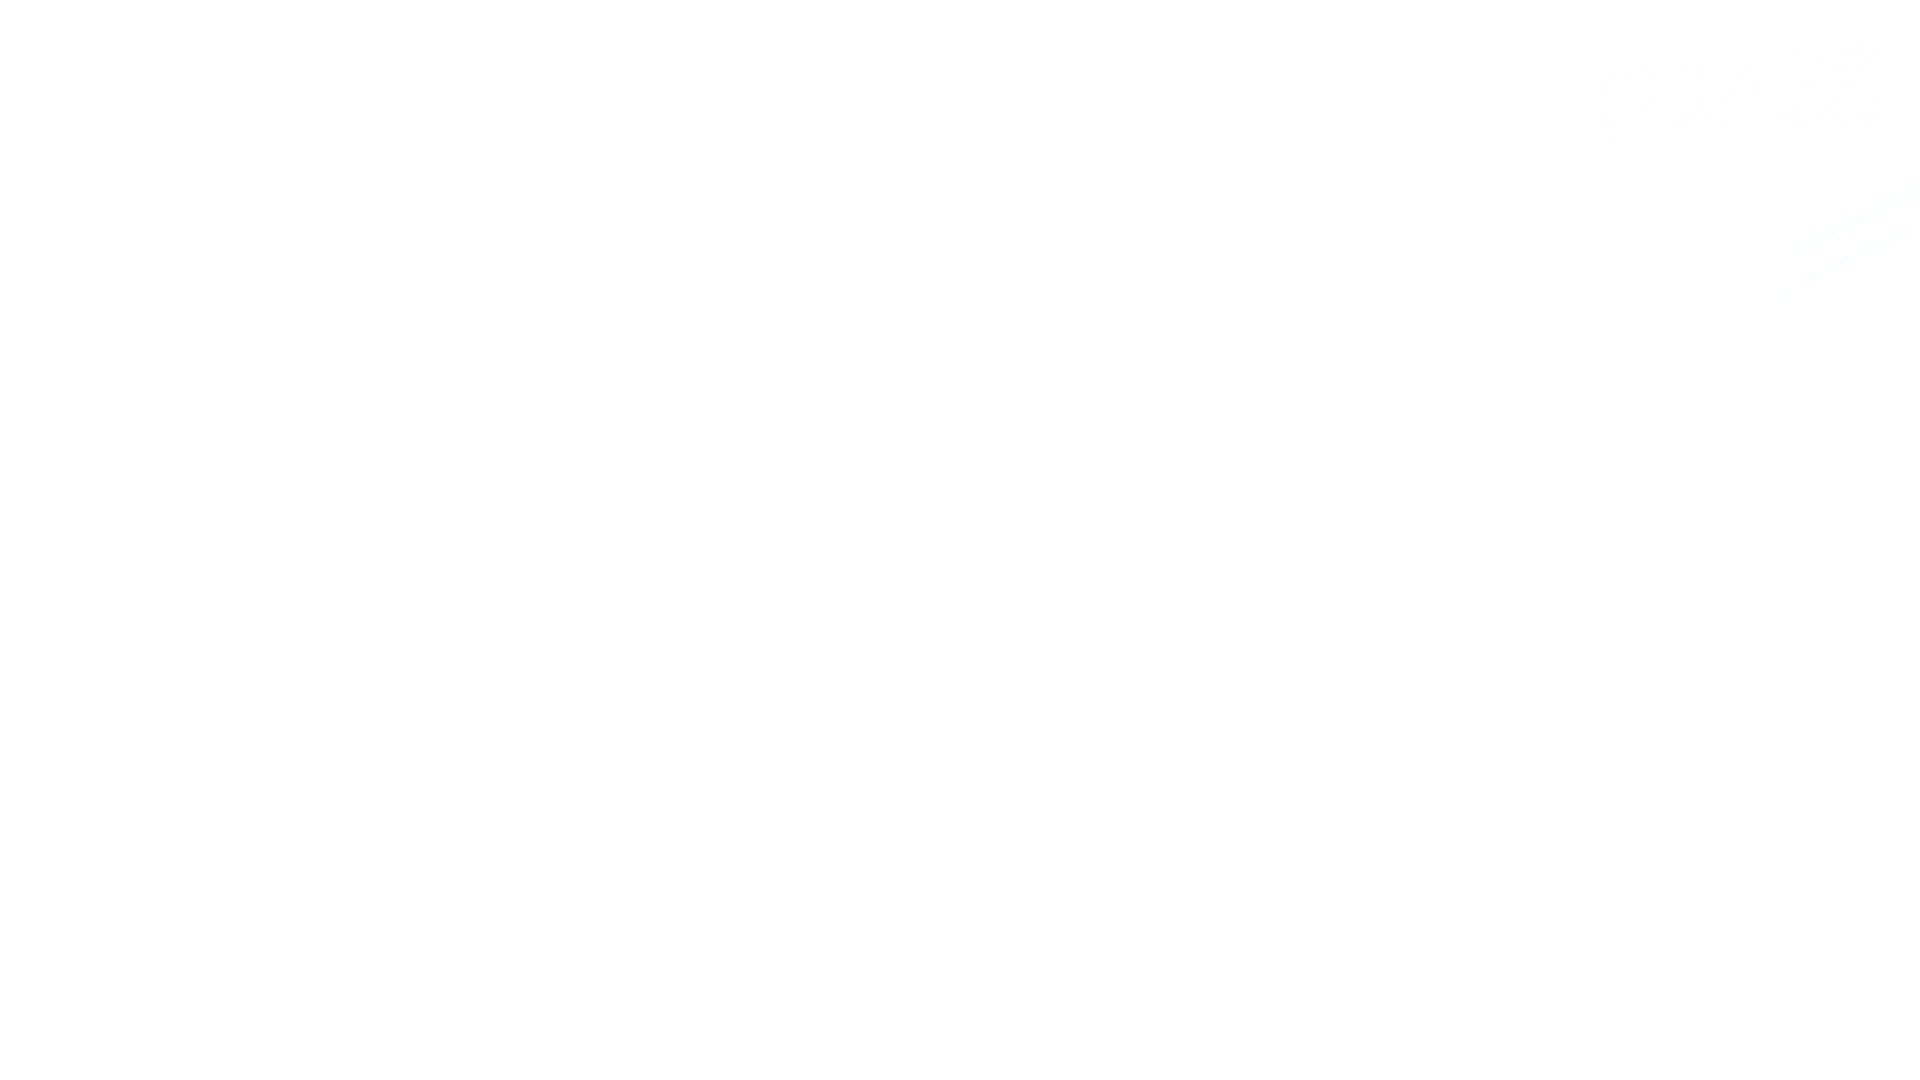 ▲復活限定▲ハイビジョン 盗神伝 Vol.28 高評価 おまんこ動画流出 69画像 62